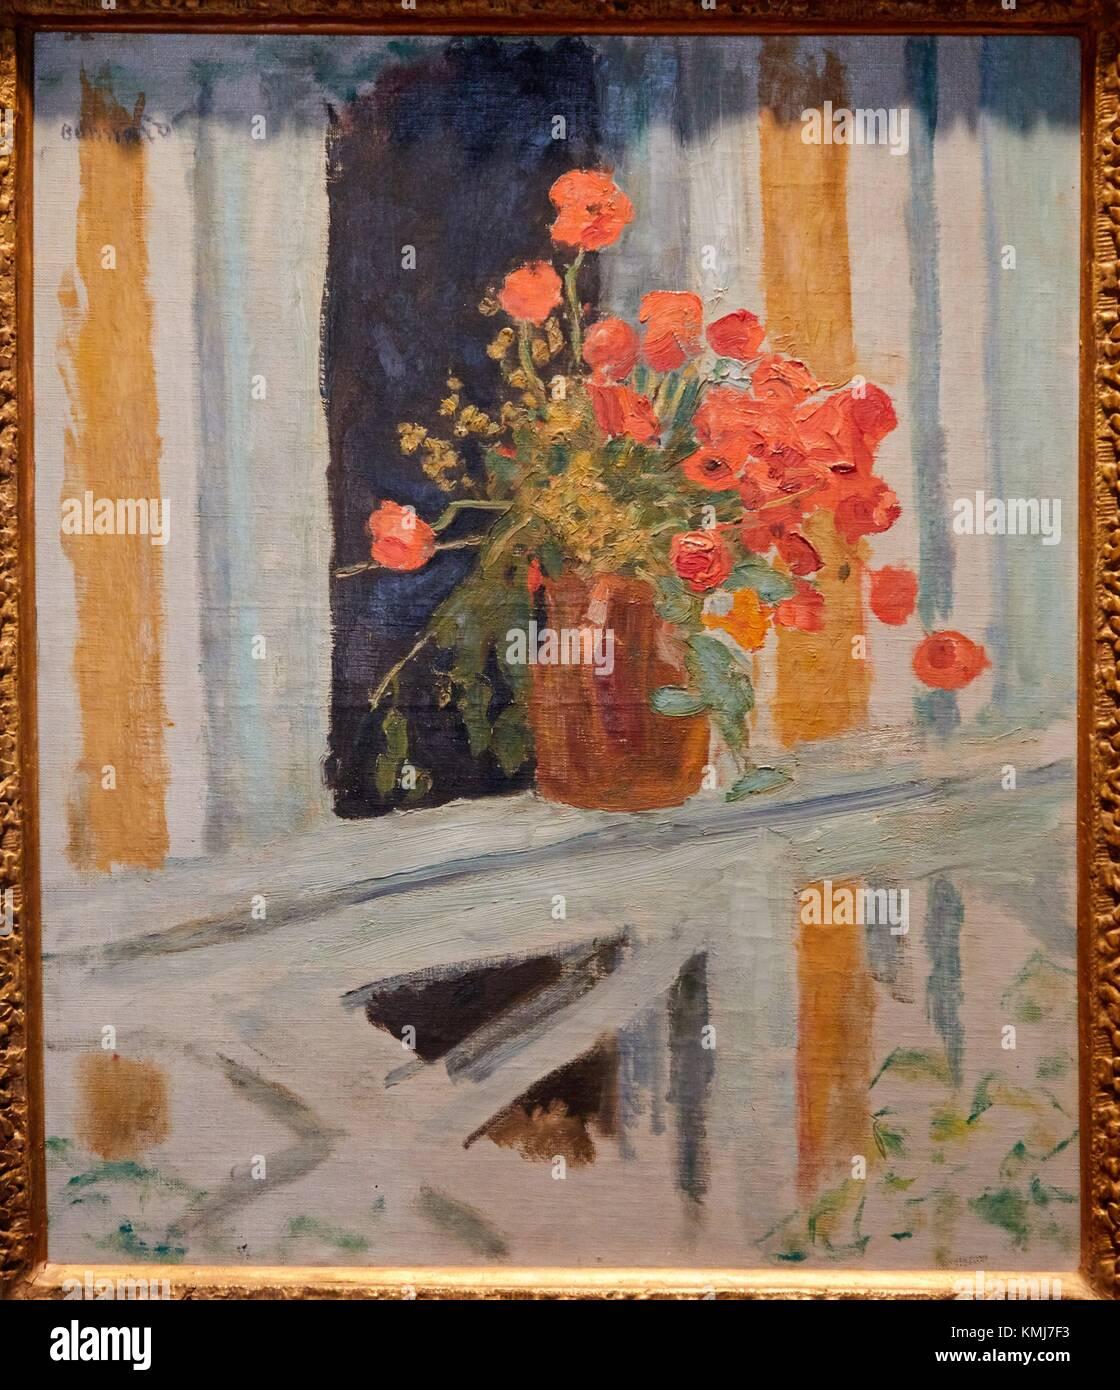 Les Coquelicots, 1912, Pierre Bonnard, Musée d'Art Moderne, Troyes, Champagne-Ardenne Region, Aube Department, - Stock Image